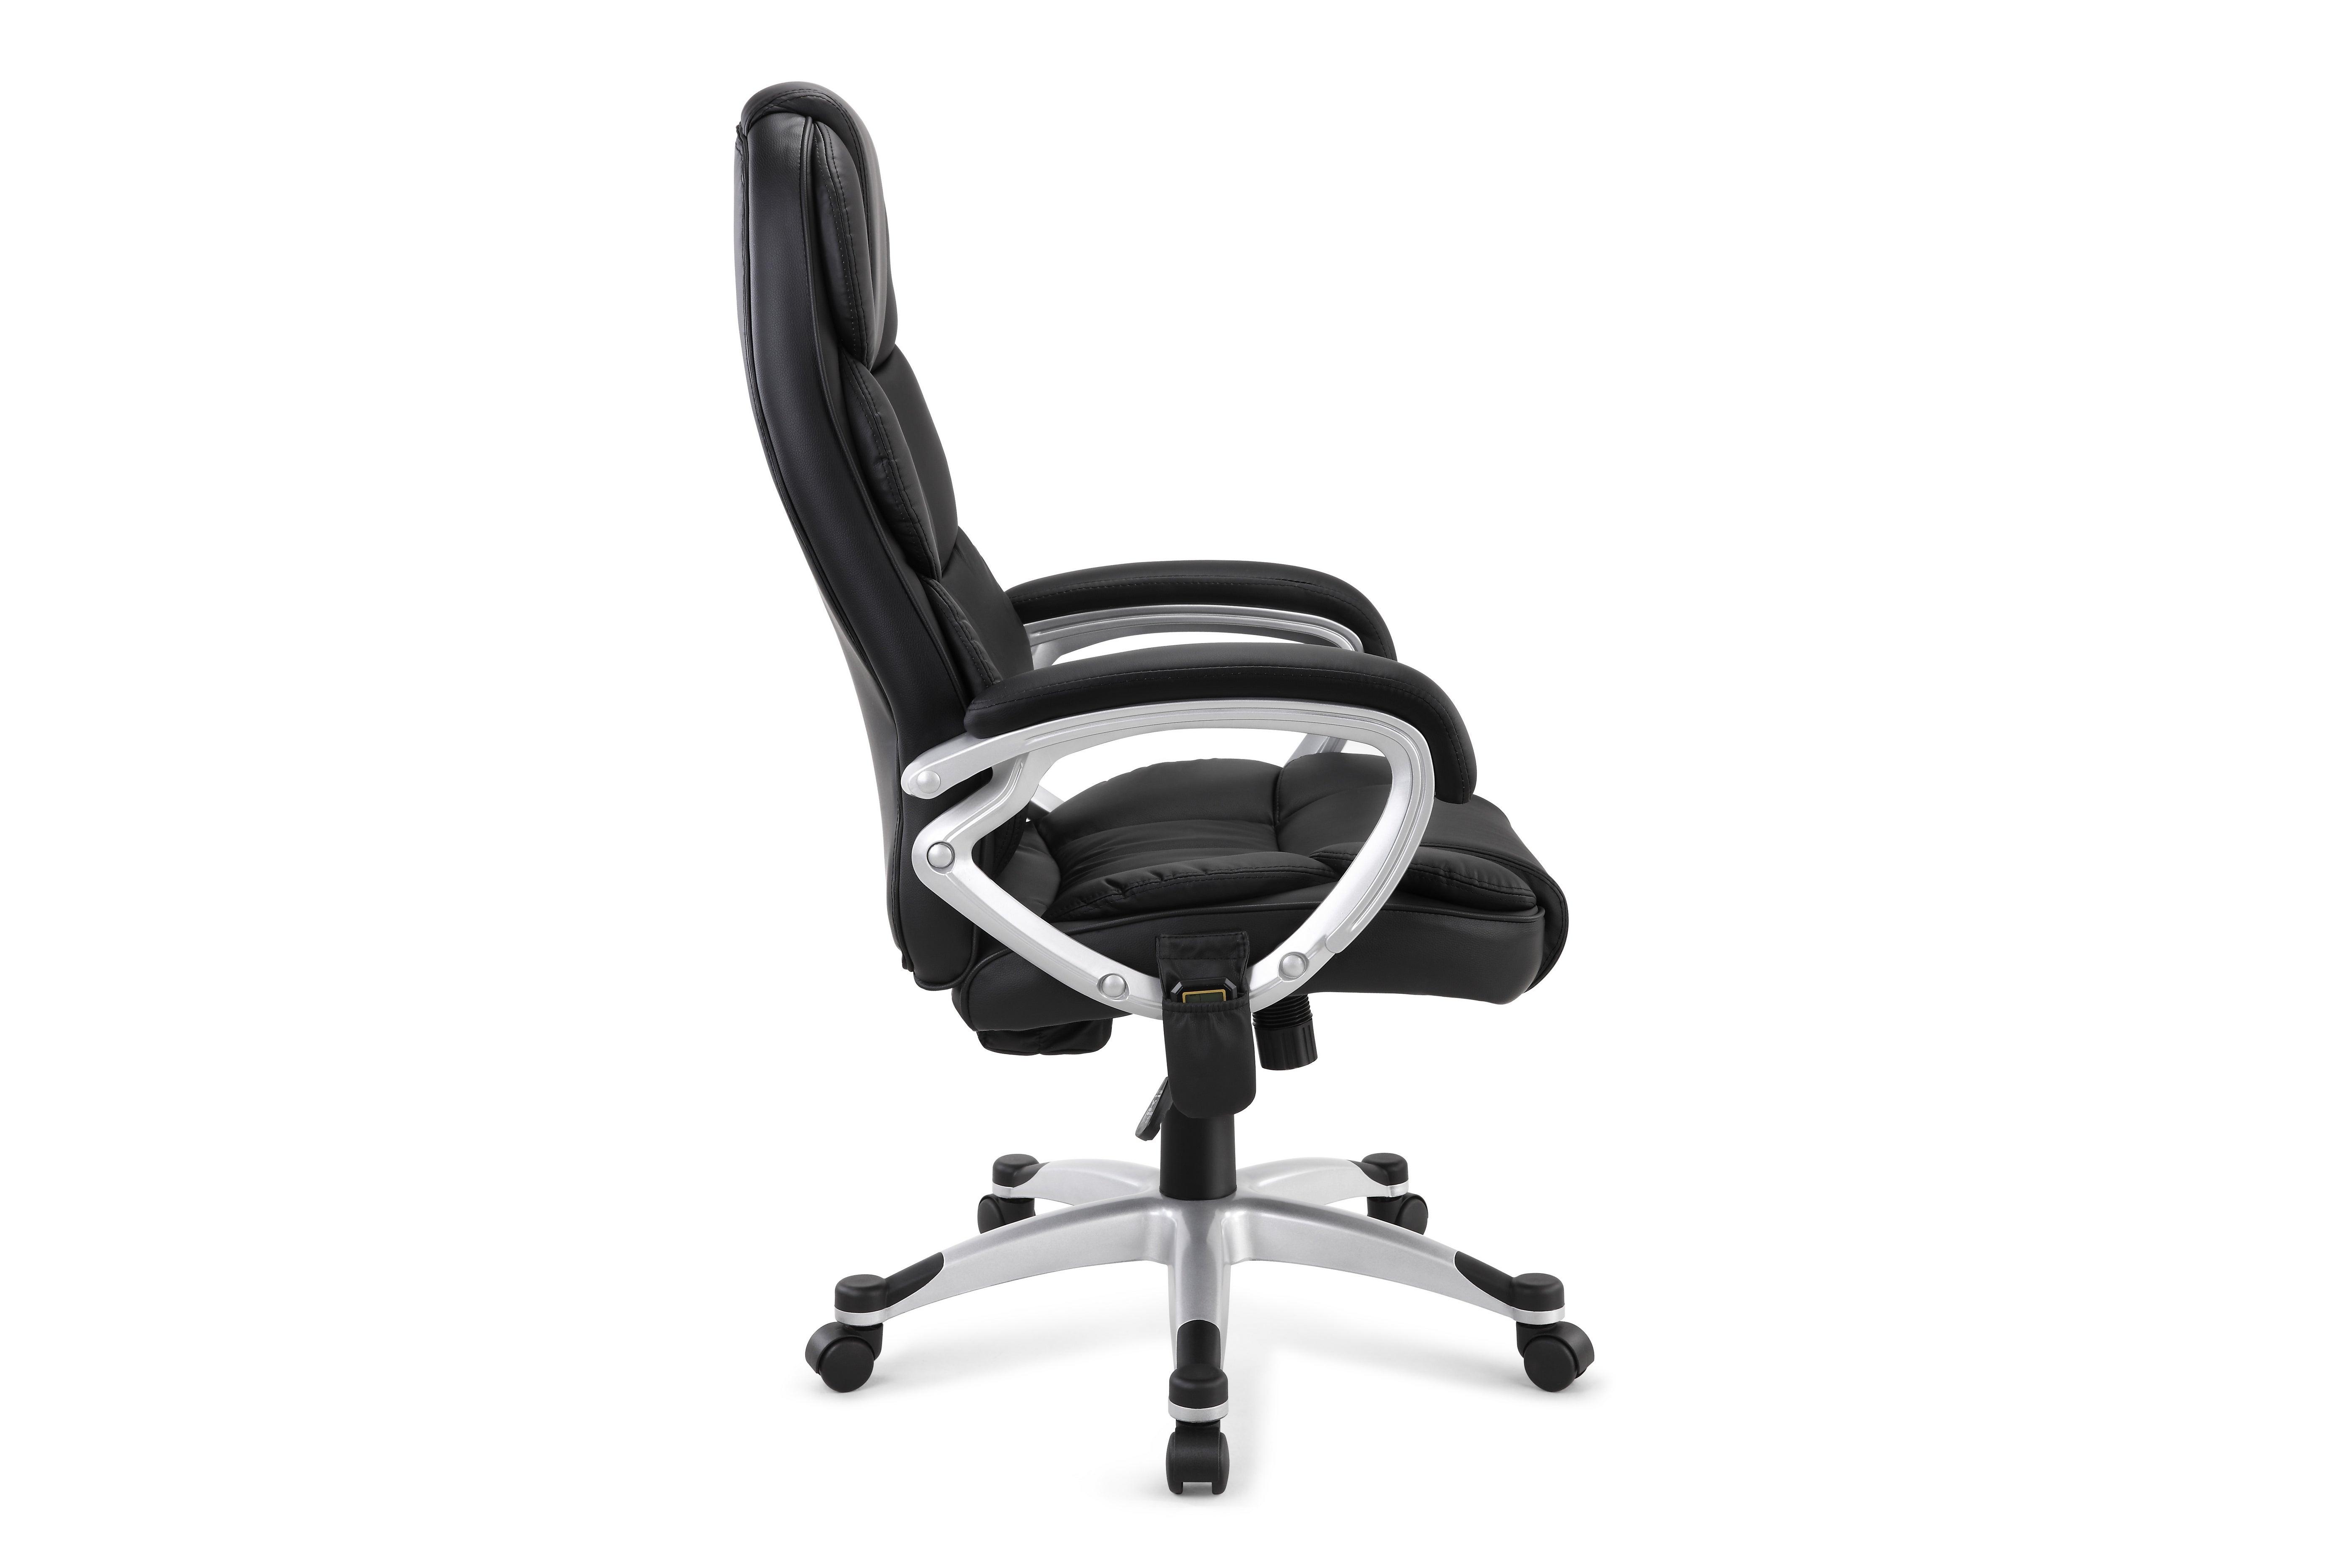 ergonomic chair kogan tennis umpire hire deluxe 8 point massage ebay